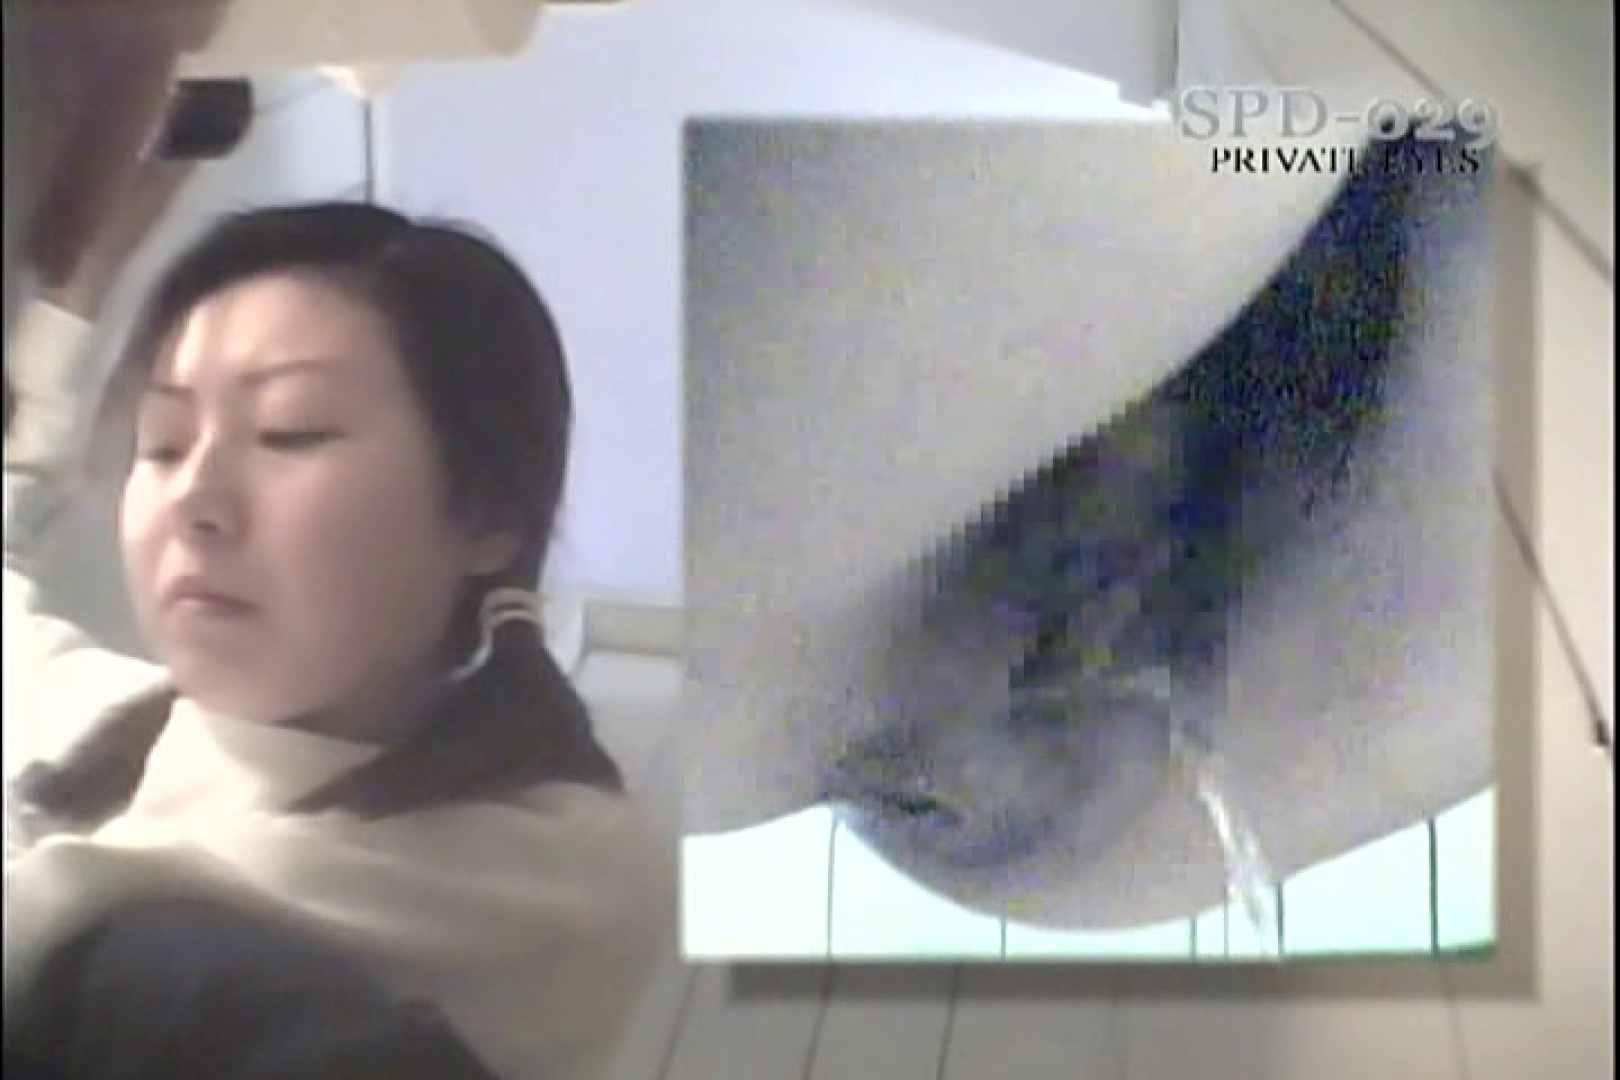 高画質版!SPD-029 和式厠 モリモリスペシャル 高画質 ぱこり動画紹介 87PIX 12